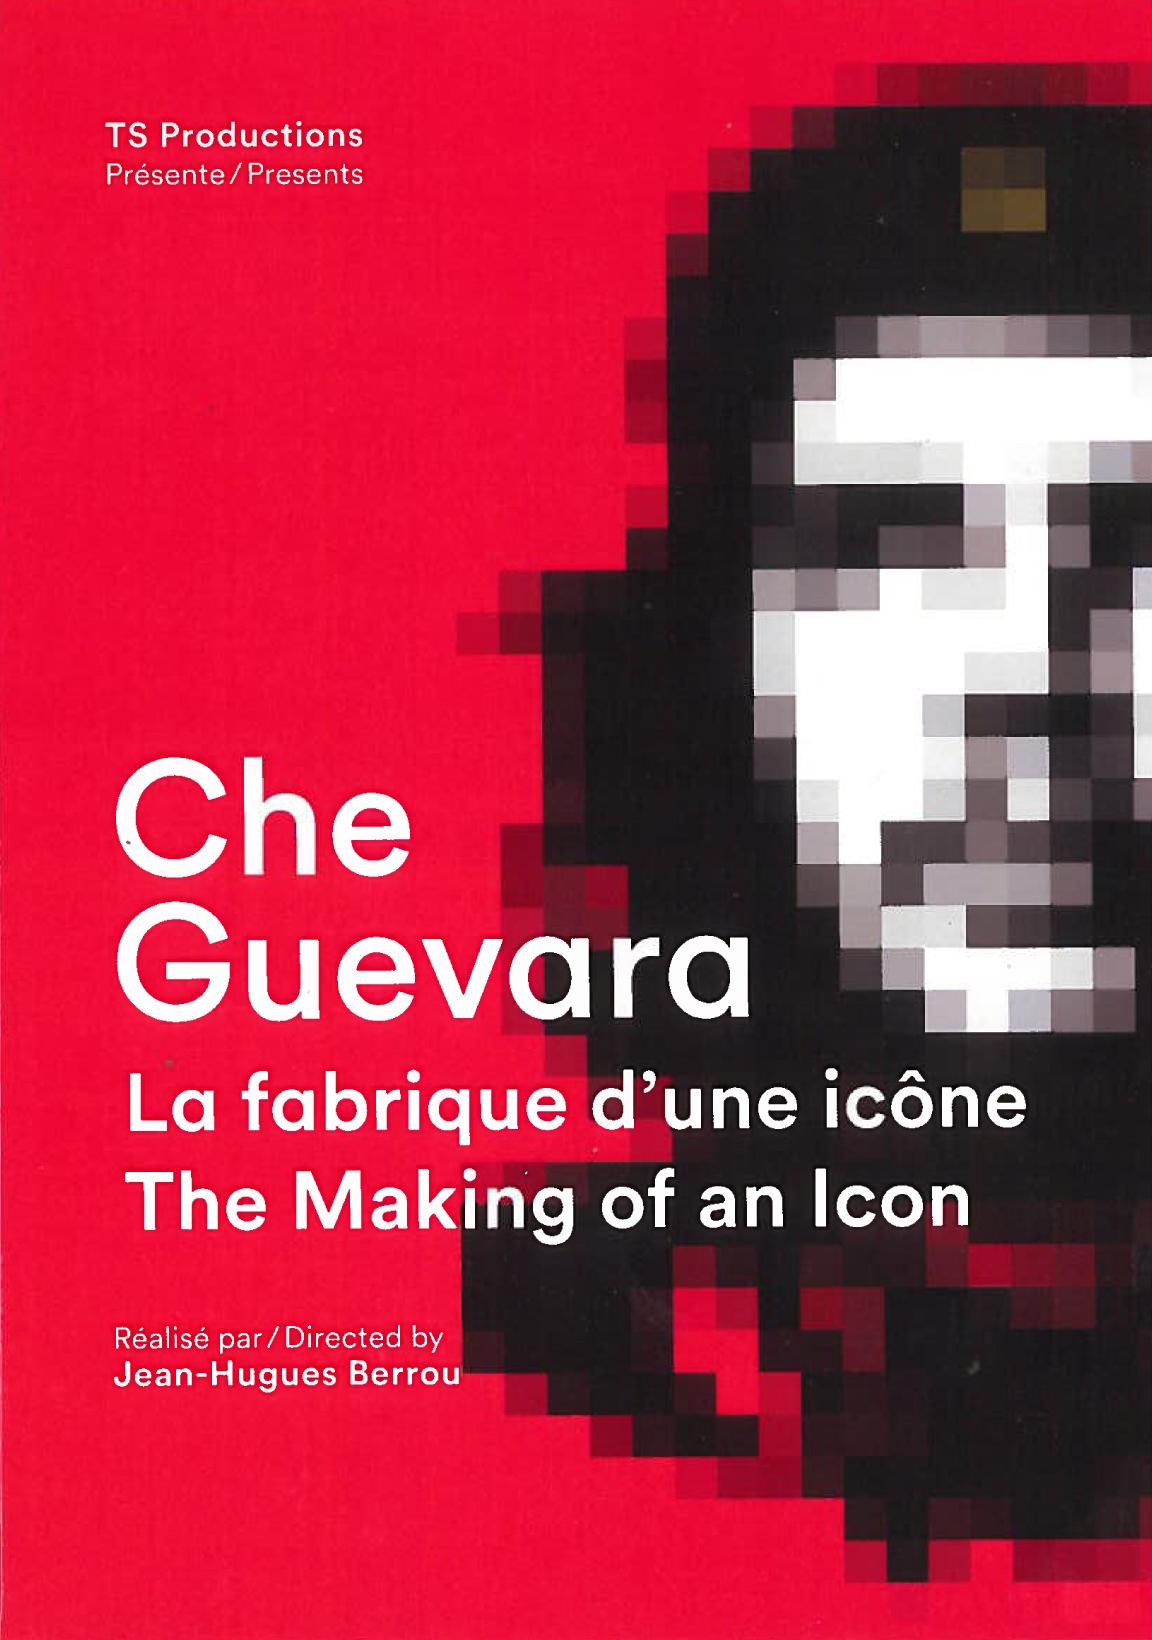 CHE GUEVARA, LA FABRIQUE D'UNE ICONE - Jean-Hugues Berrou